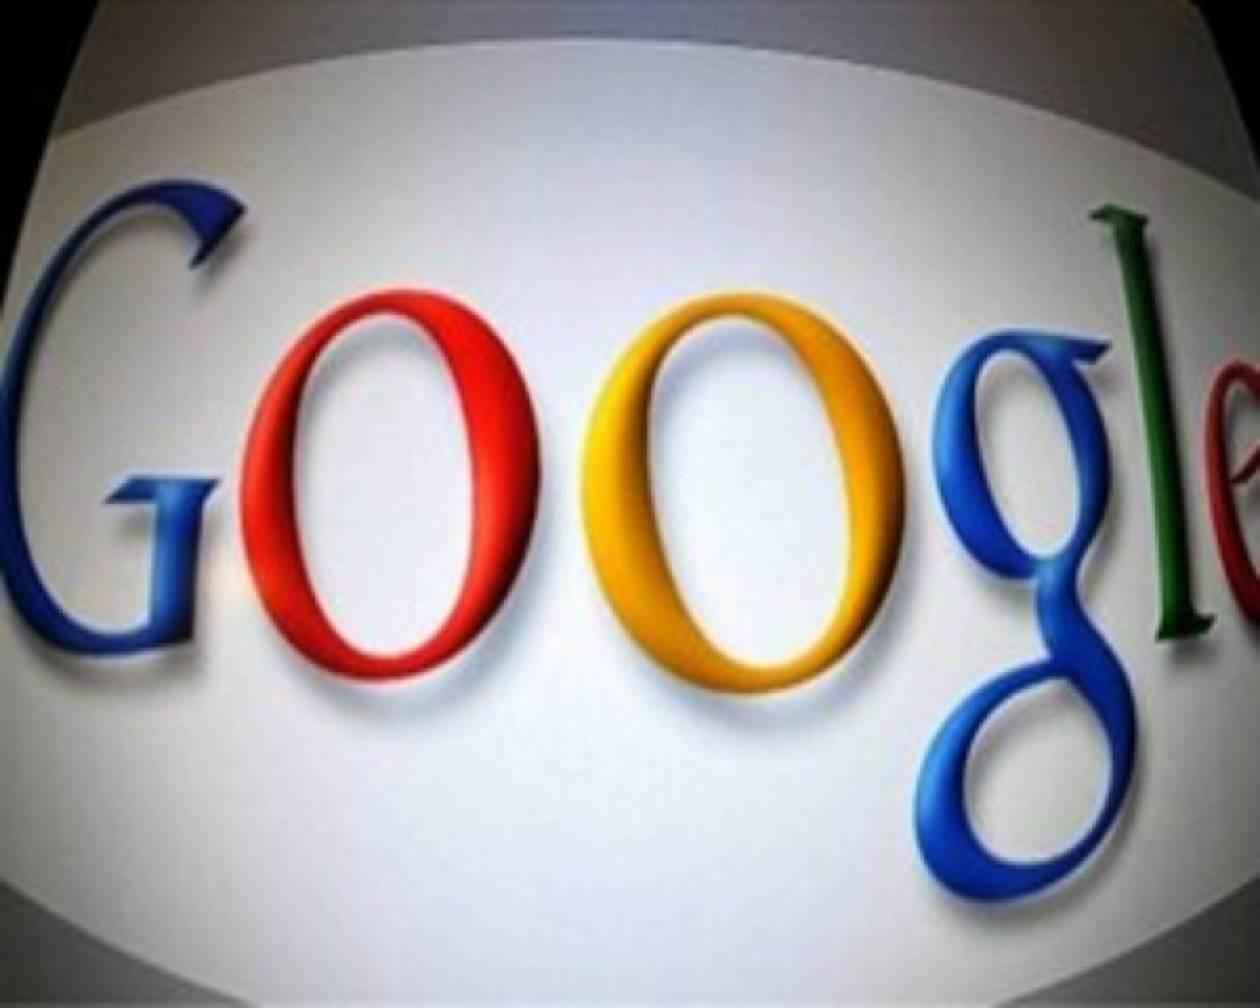 Έρχεται πορνό κανάλι από την Google!